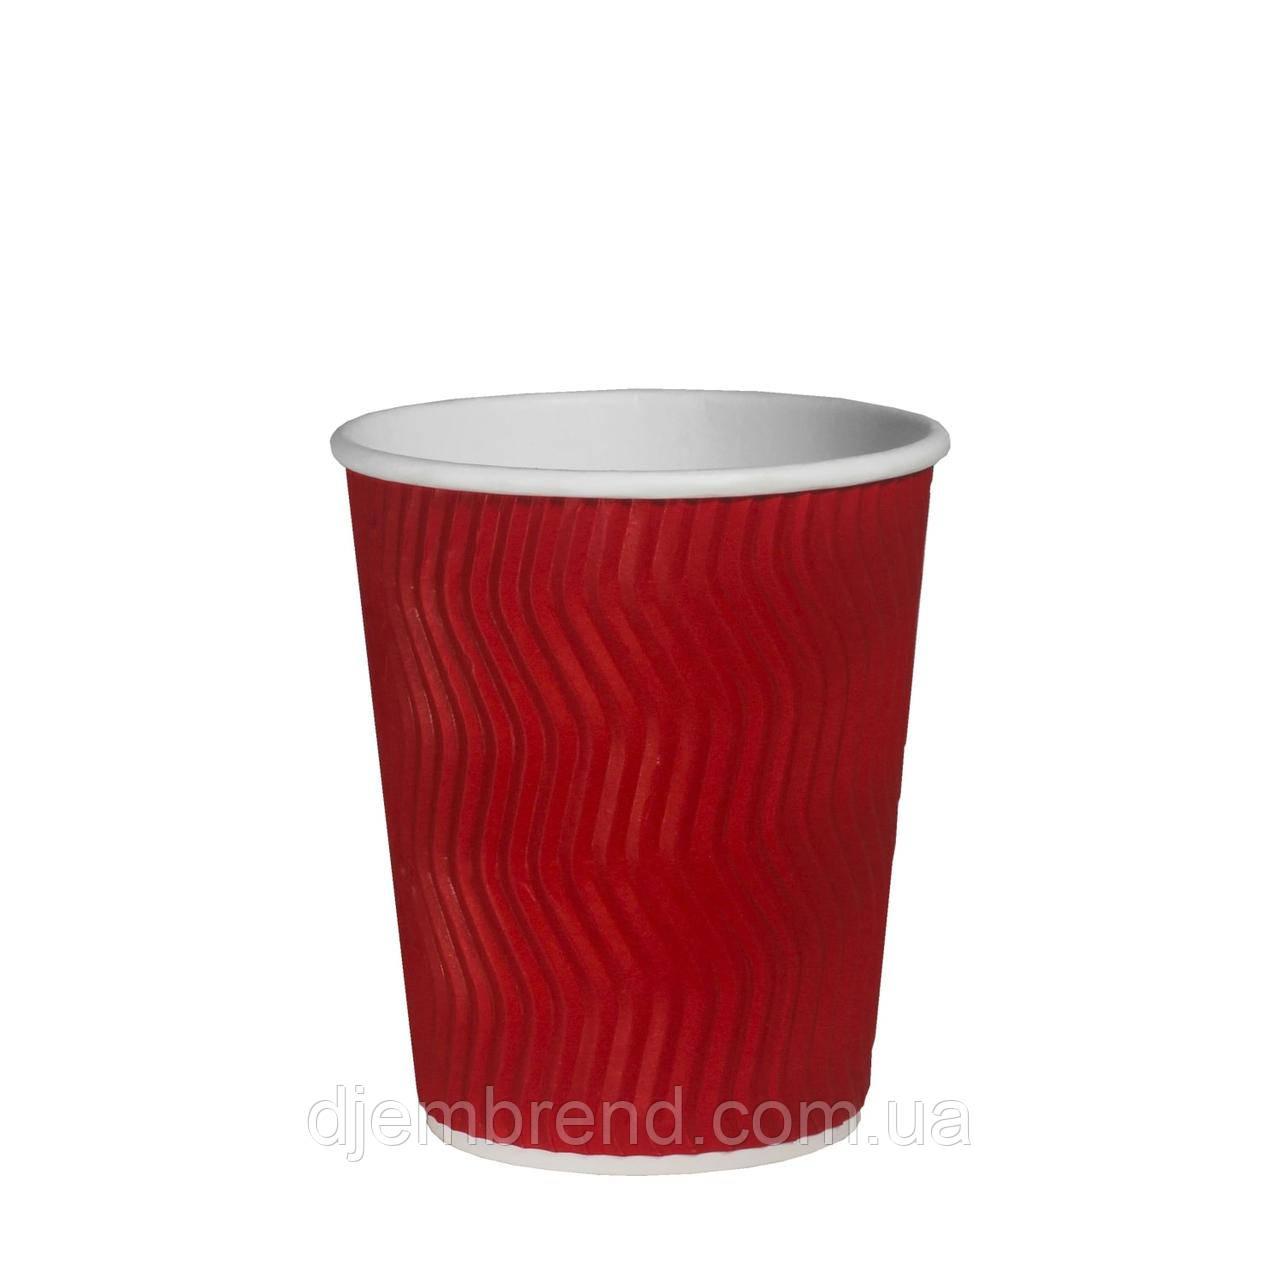 Стакан бумажный гофрированный Эко-гофра Красный 400мл. (12oz) 25шт/уп (1ящ/20уп/500шт) (ST90/РОМБ 90)